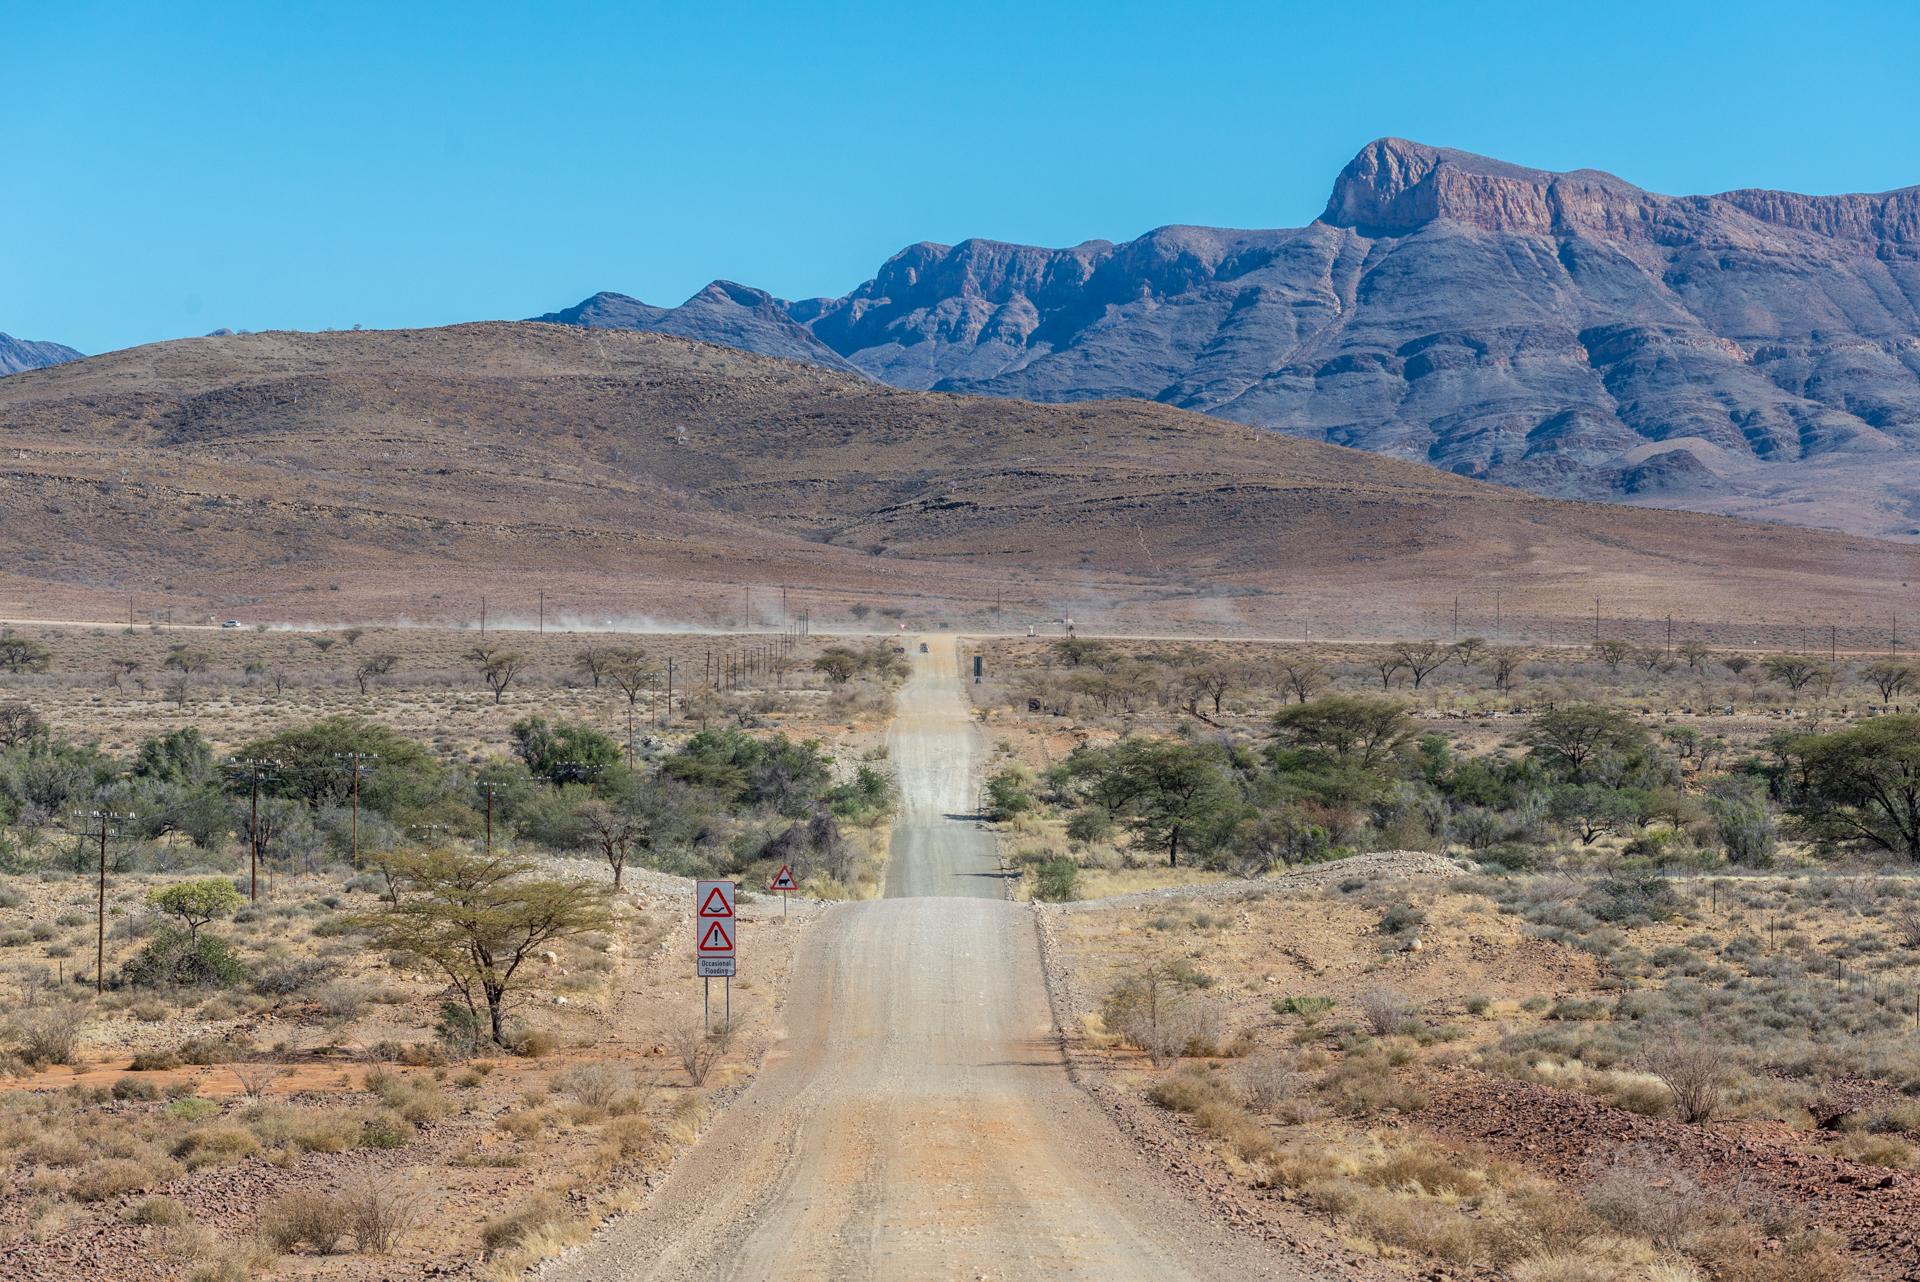 NAMIBIA – Guida pratica al viaggio